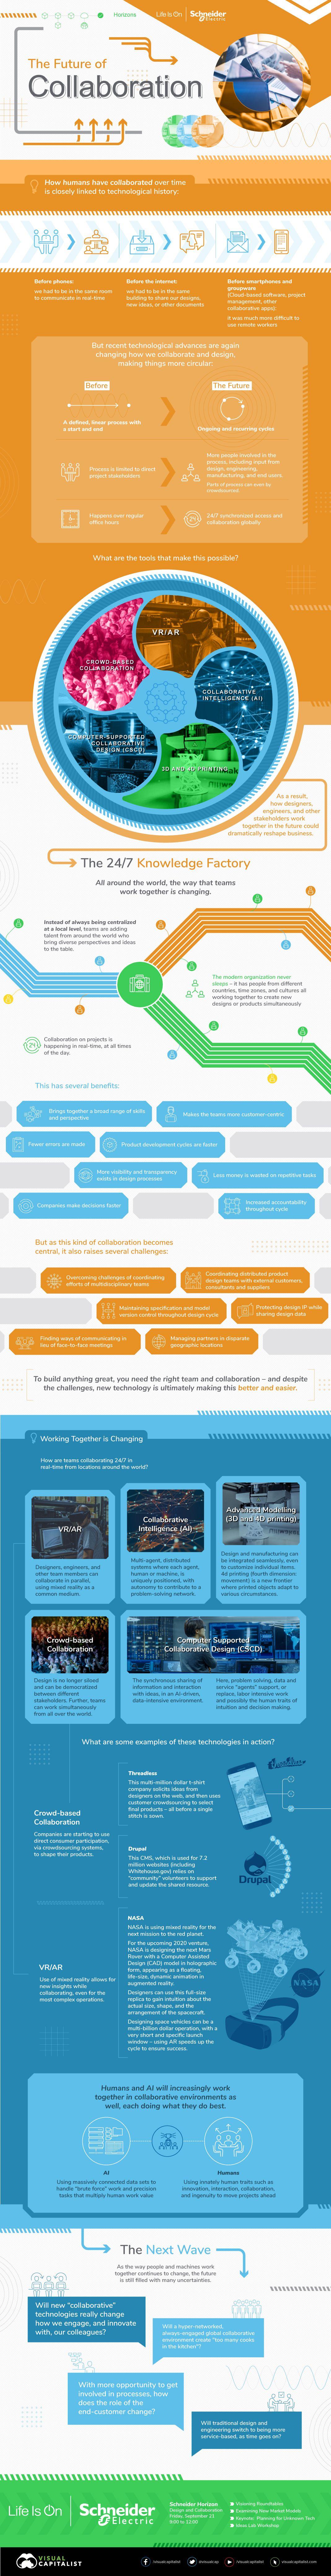 Schneider electric design technology collaboration